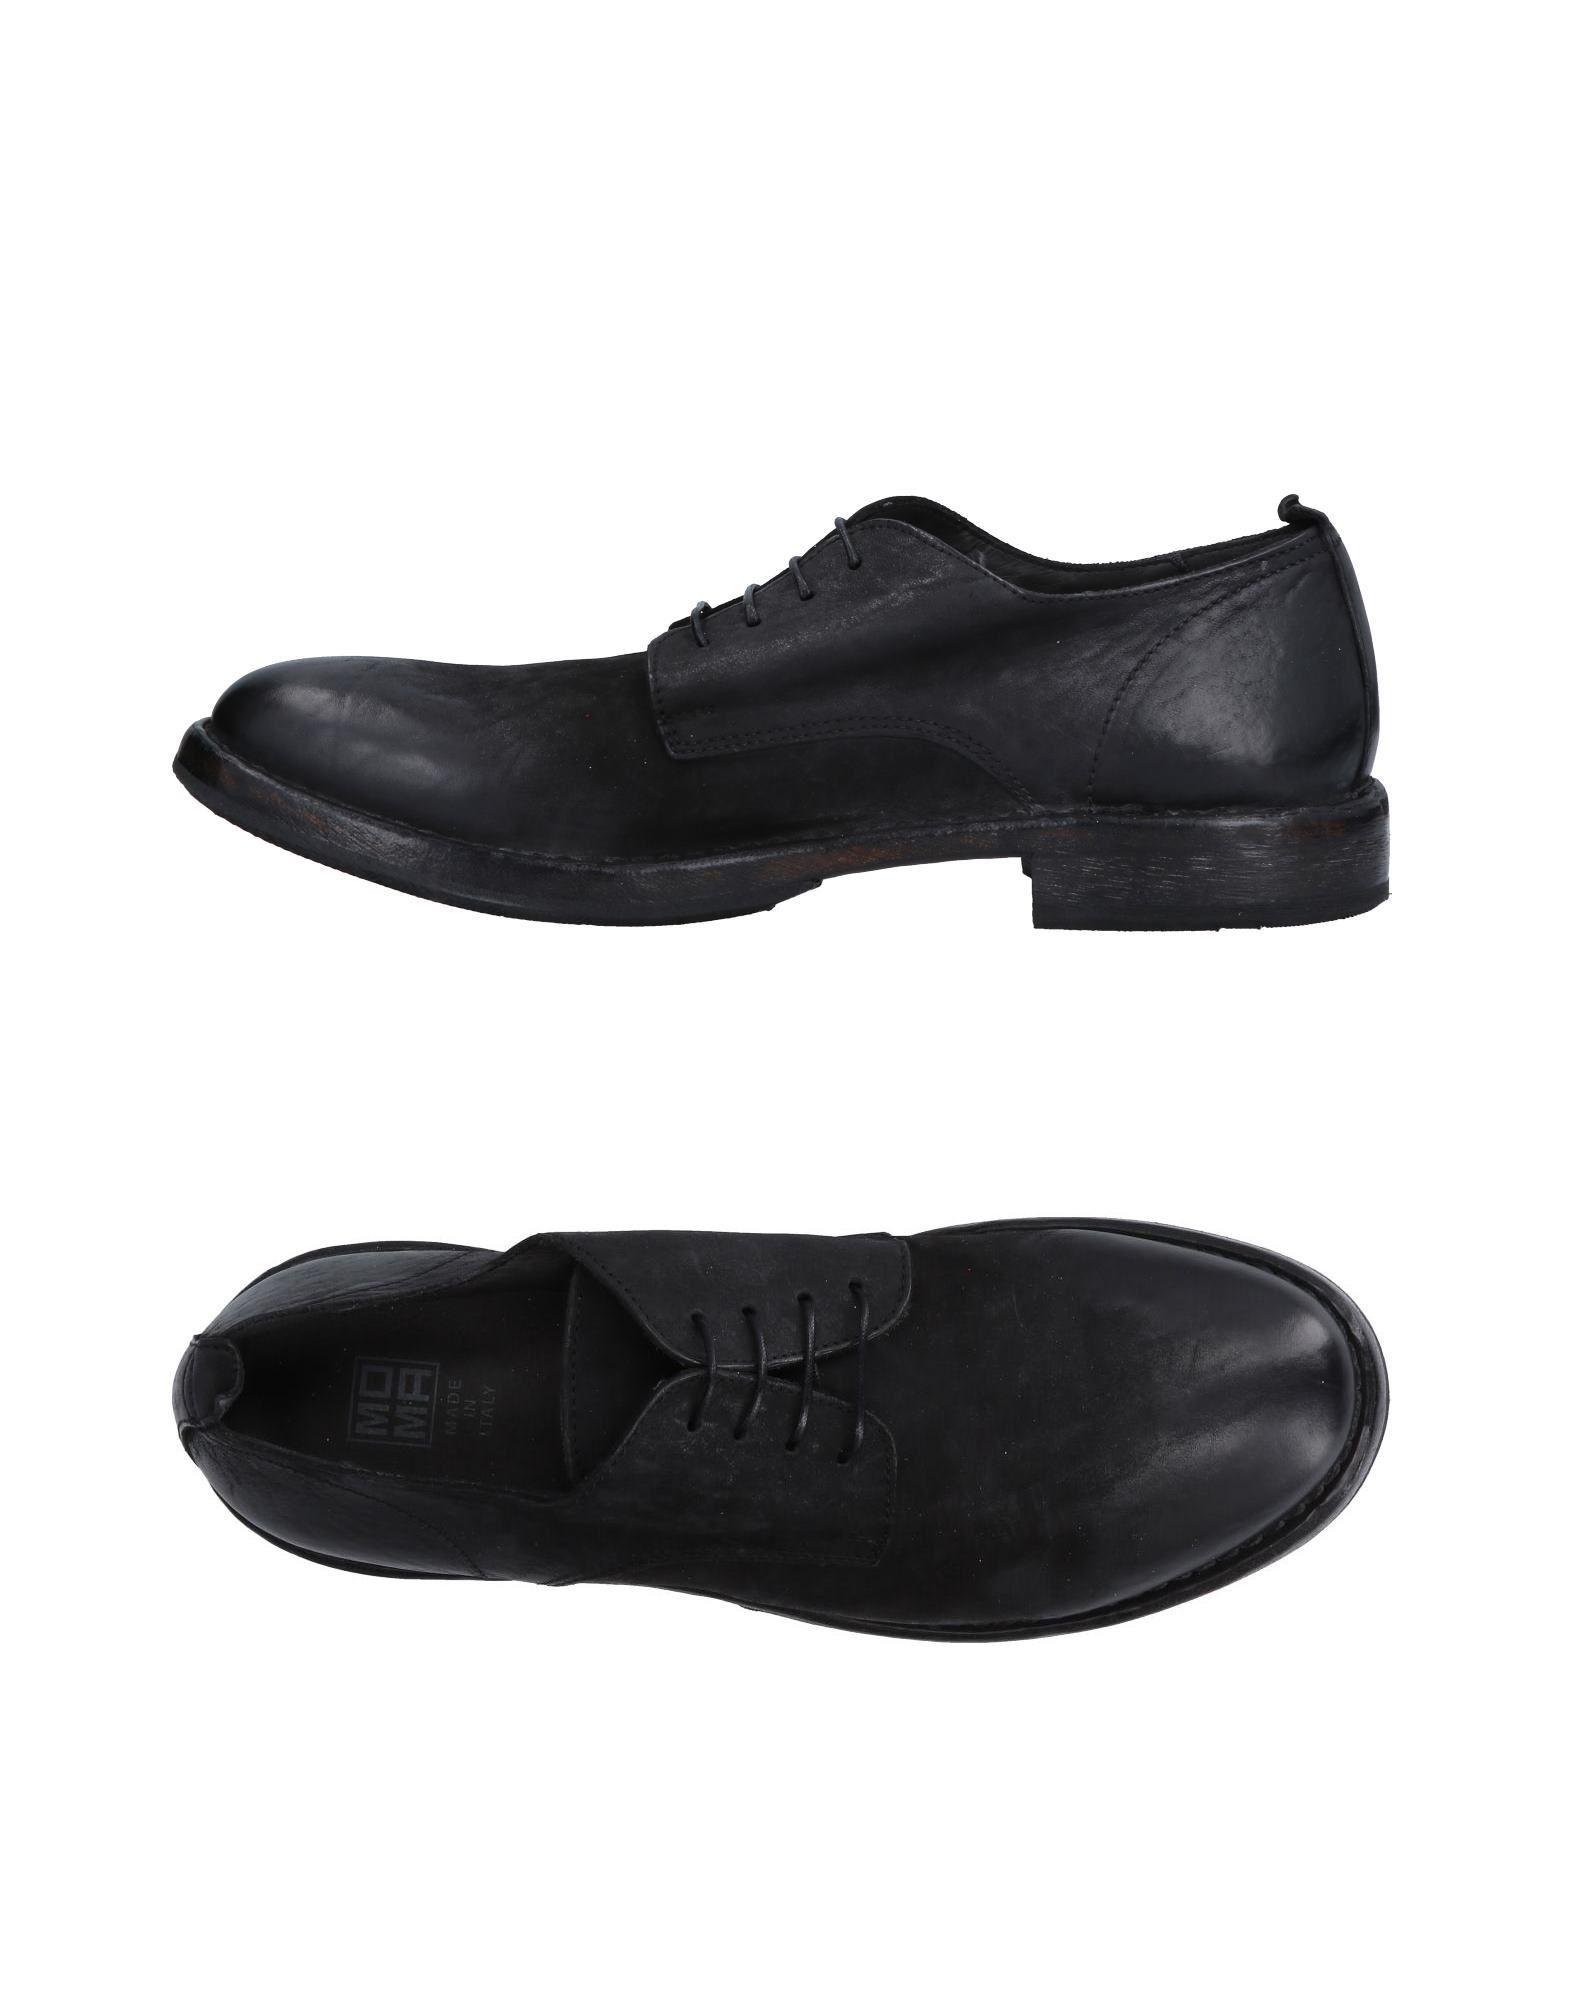 Moma Schnürschuhe Herren  11492139OA Gute Qualität beliebte Schuhe